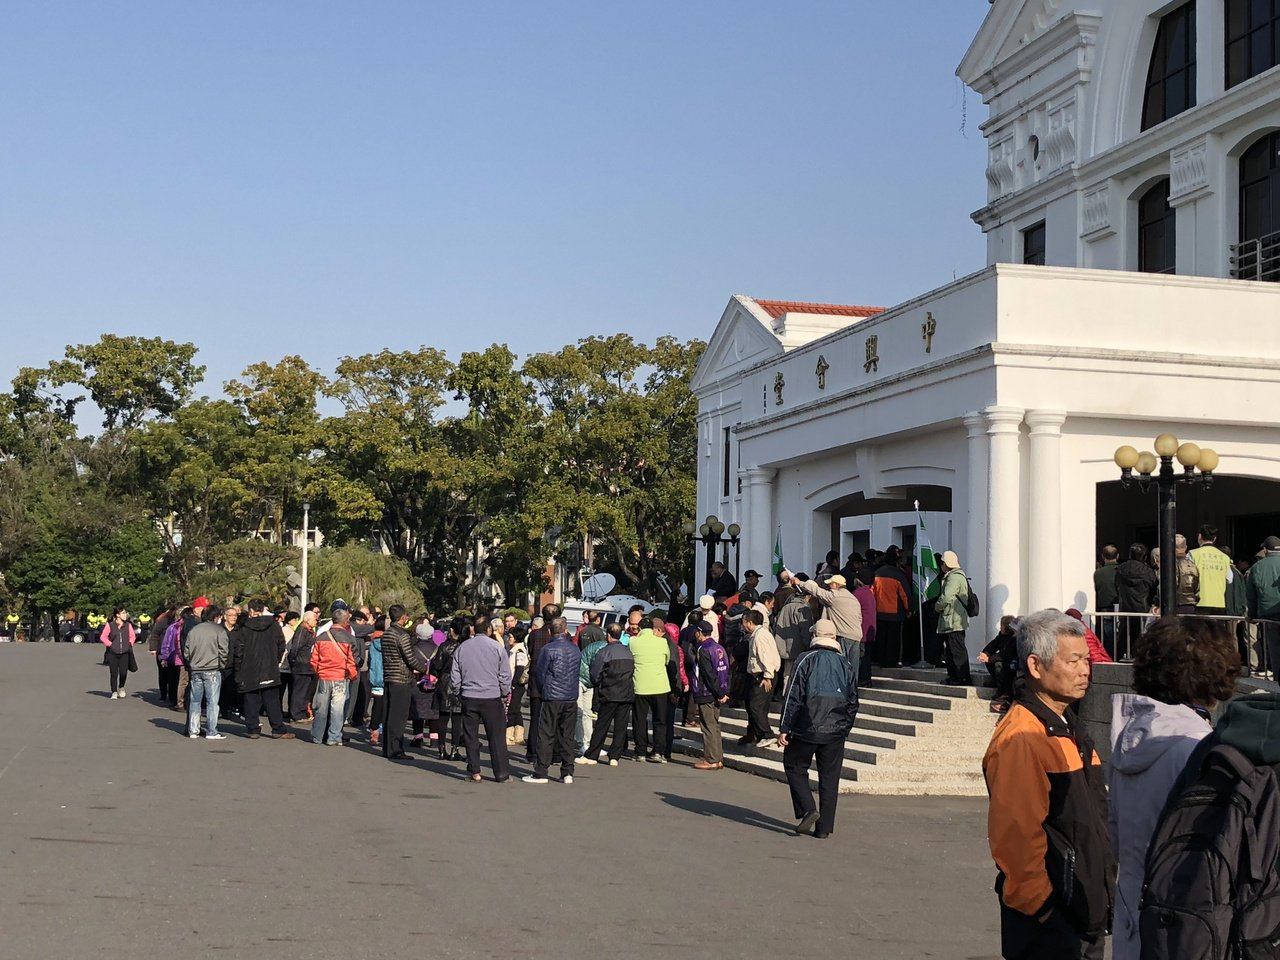 民進黨支持者從各鄉鎮趕來,排隊進入中興會堂,參與洪國浩造勢大會。記者江良誠/攝影